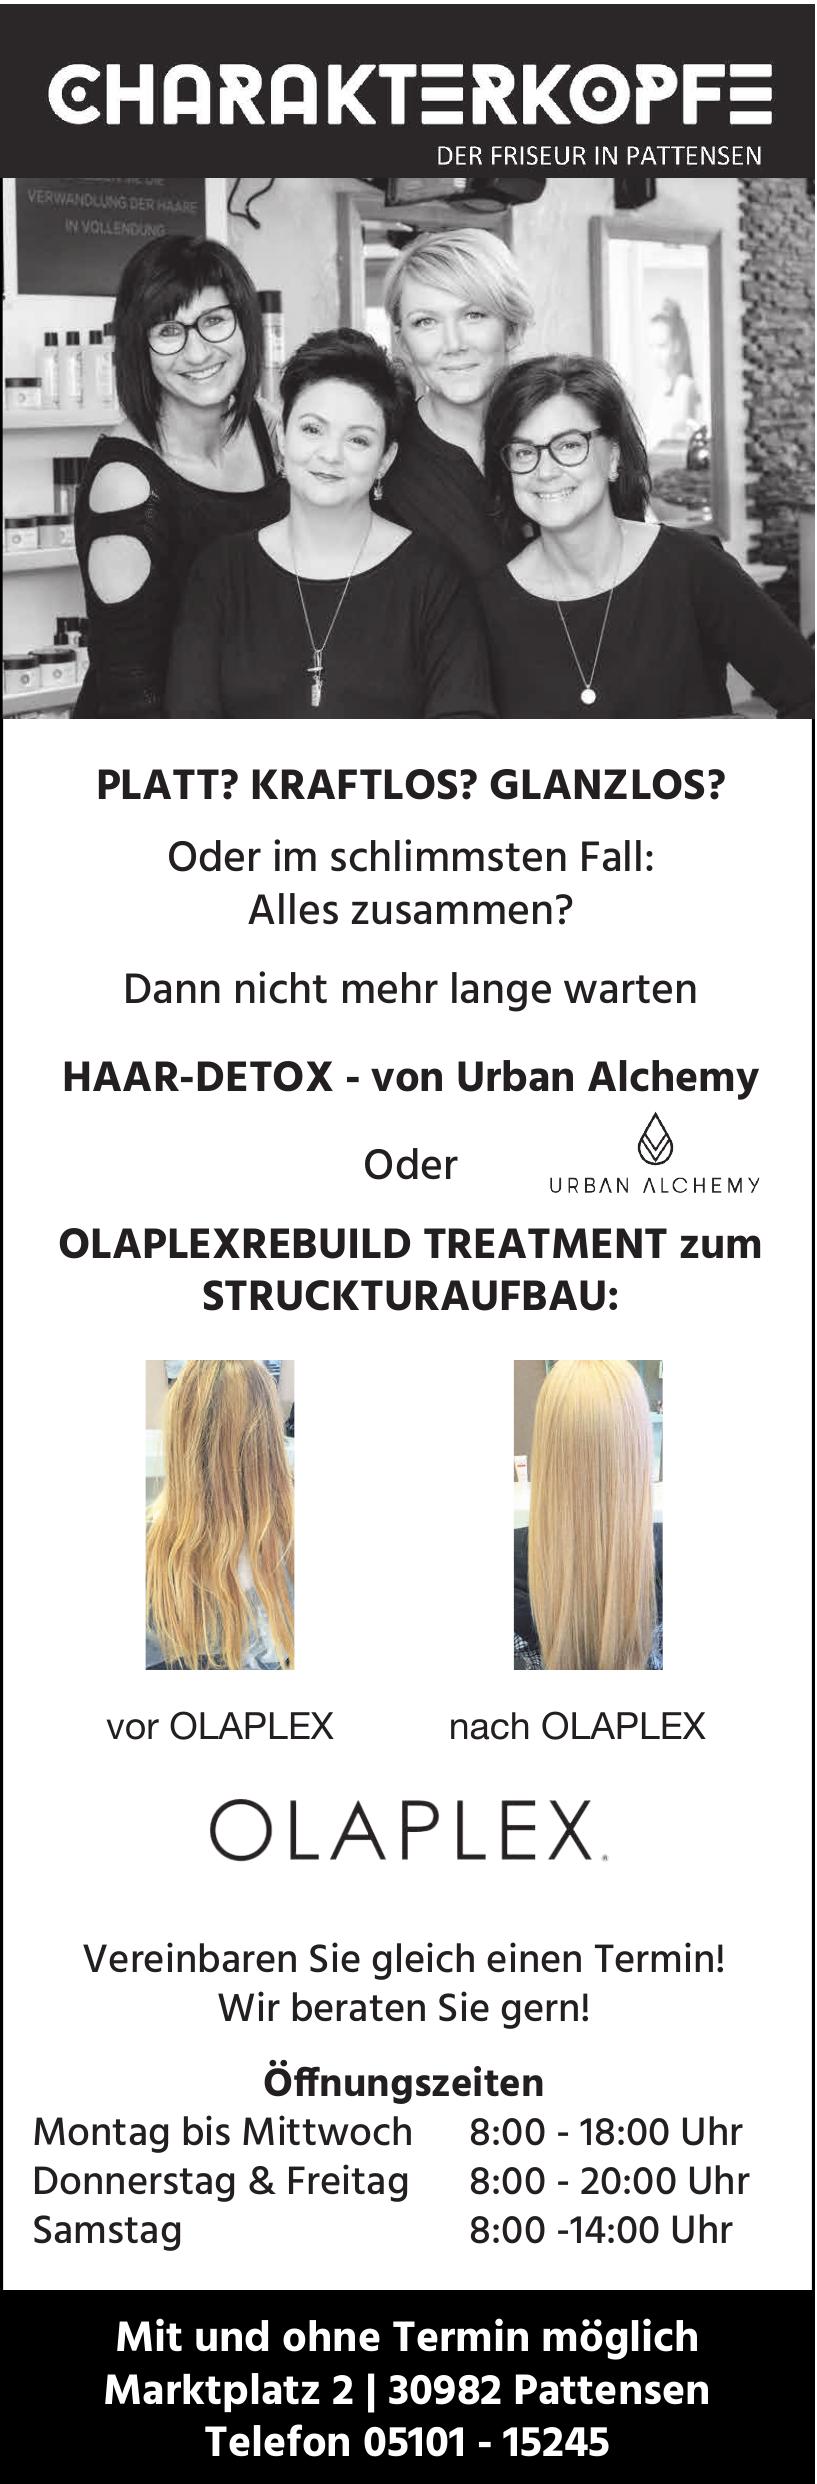 Charakterkopfe - Friseur in Pattensen